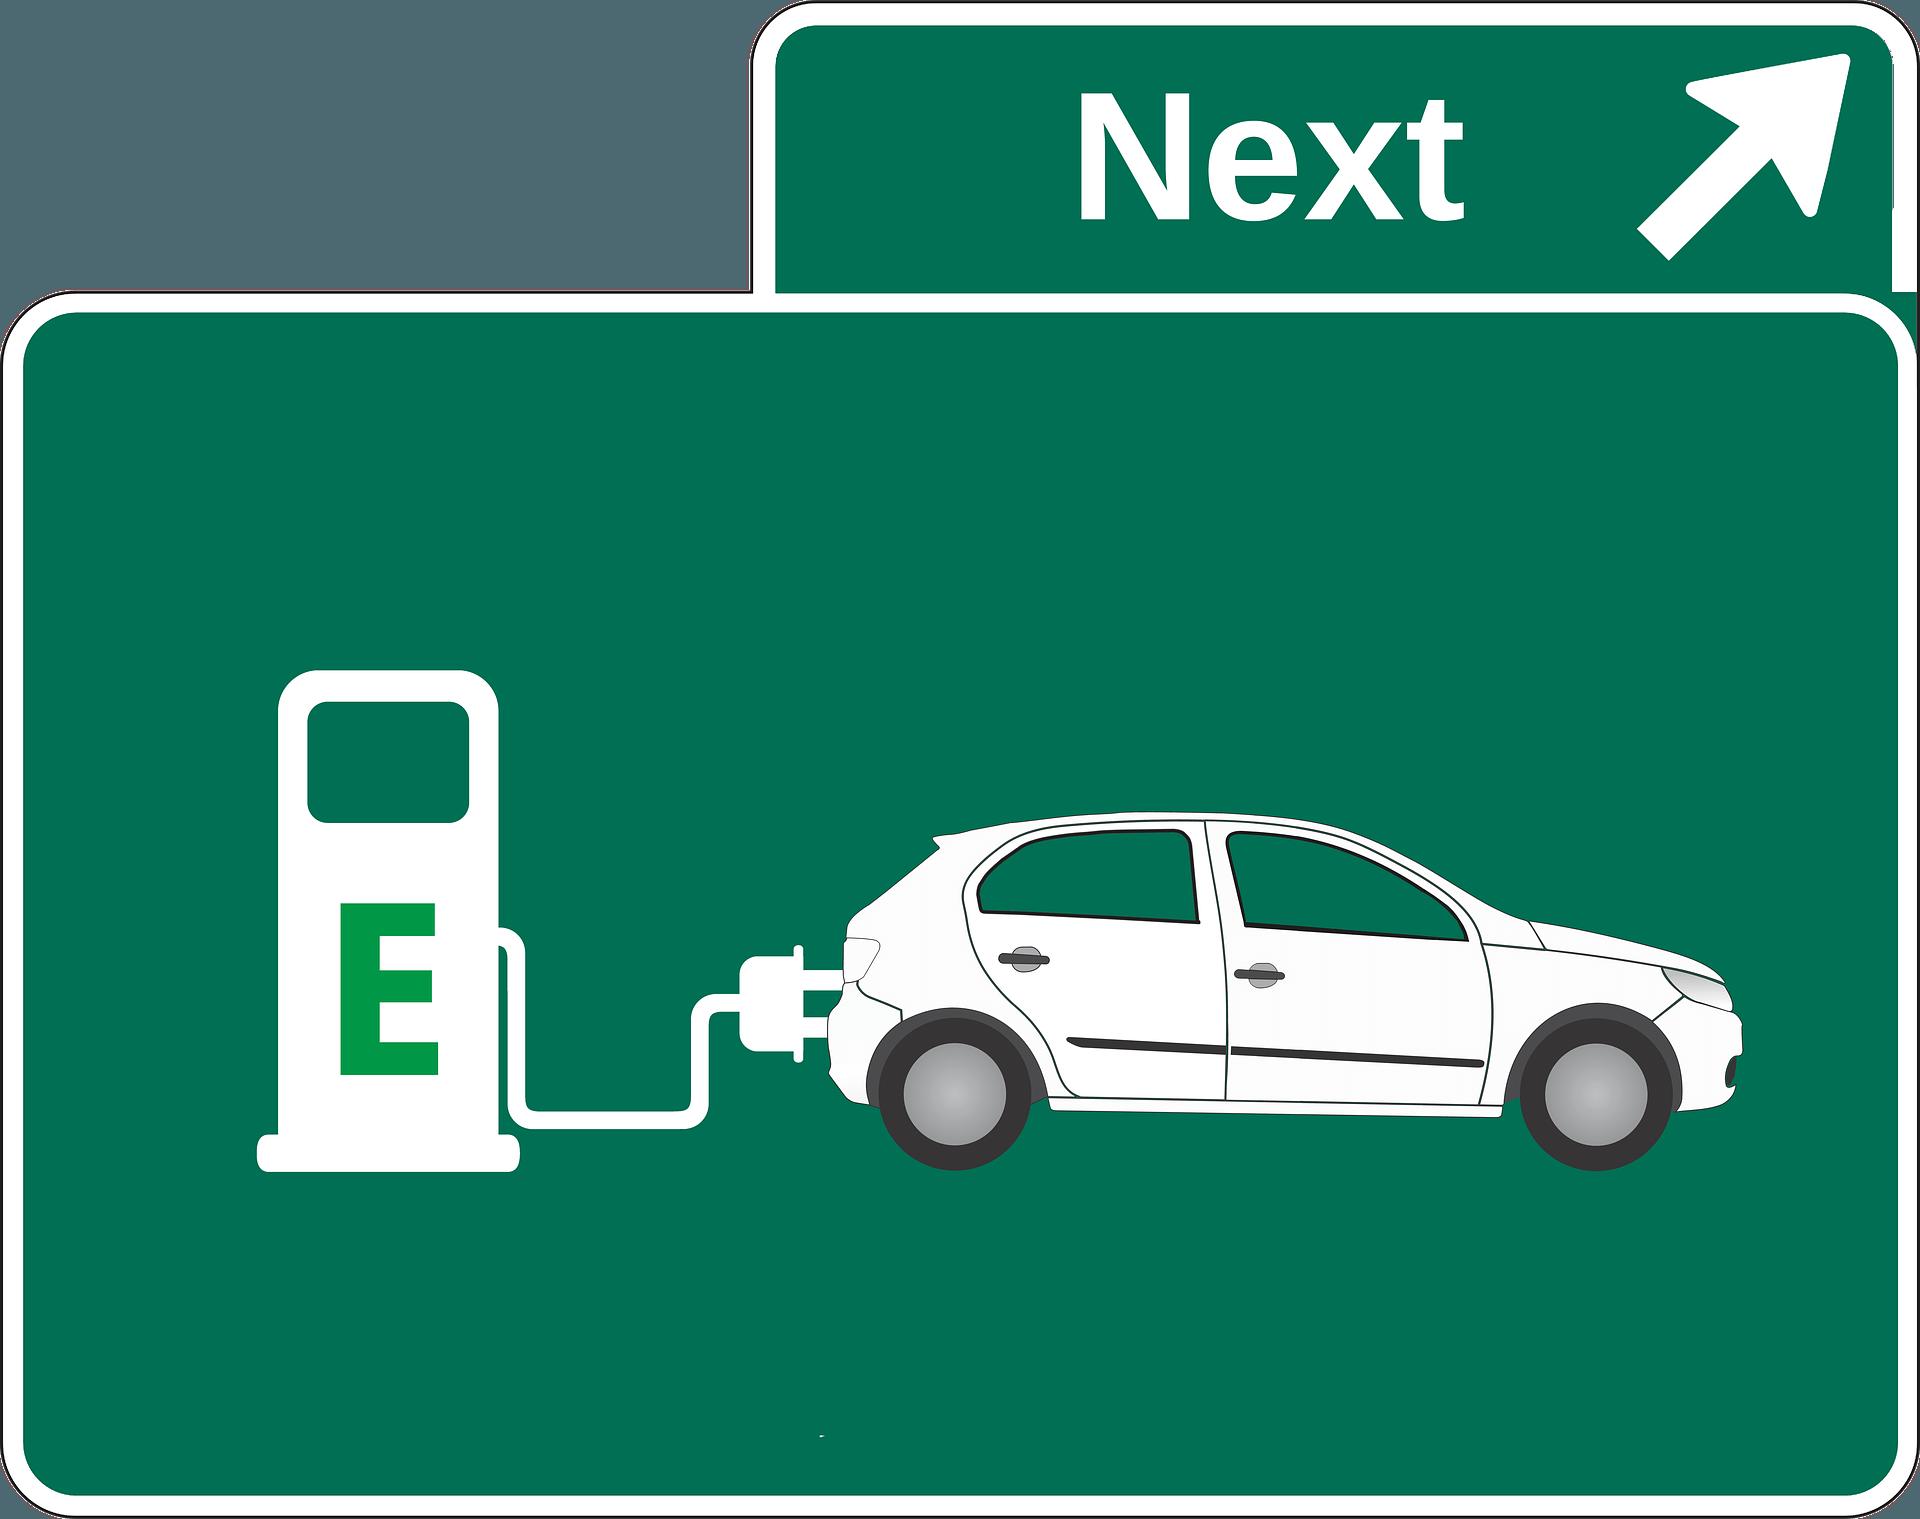 Placa carro elétrico